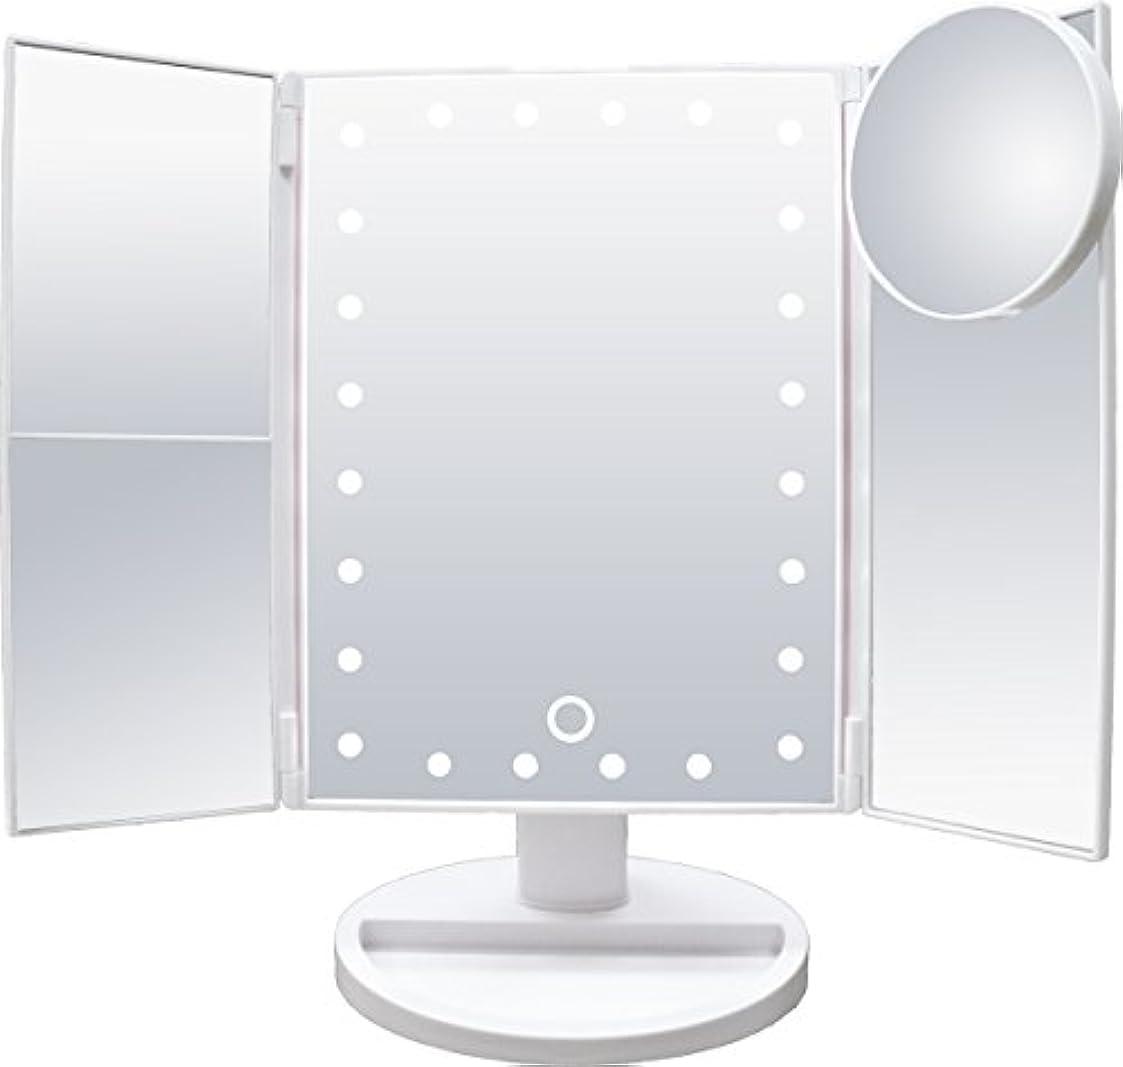 器官あいまい対話santasan LED化粧鏡 24灯LED 女優ミラー 15倍拡大鏡付き 卓上 折り畳み式 三面鏡 (ホワイト)